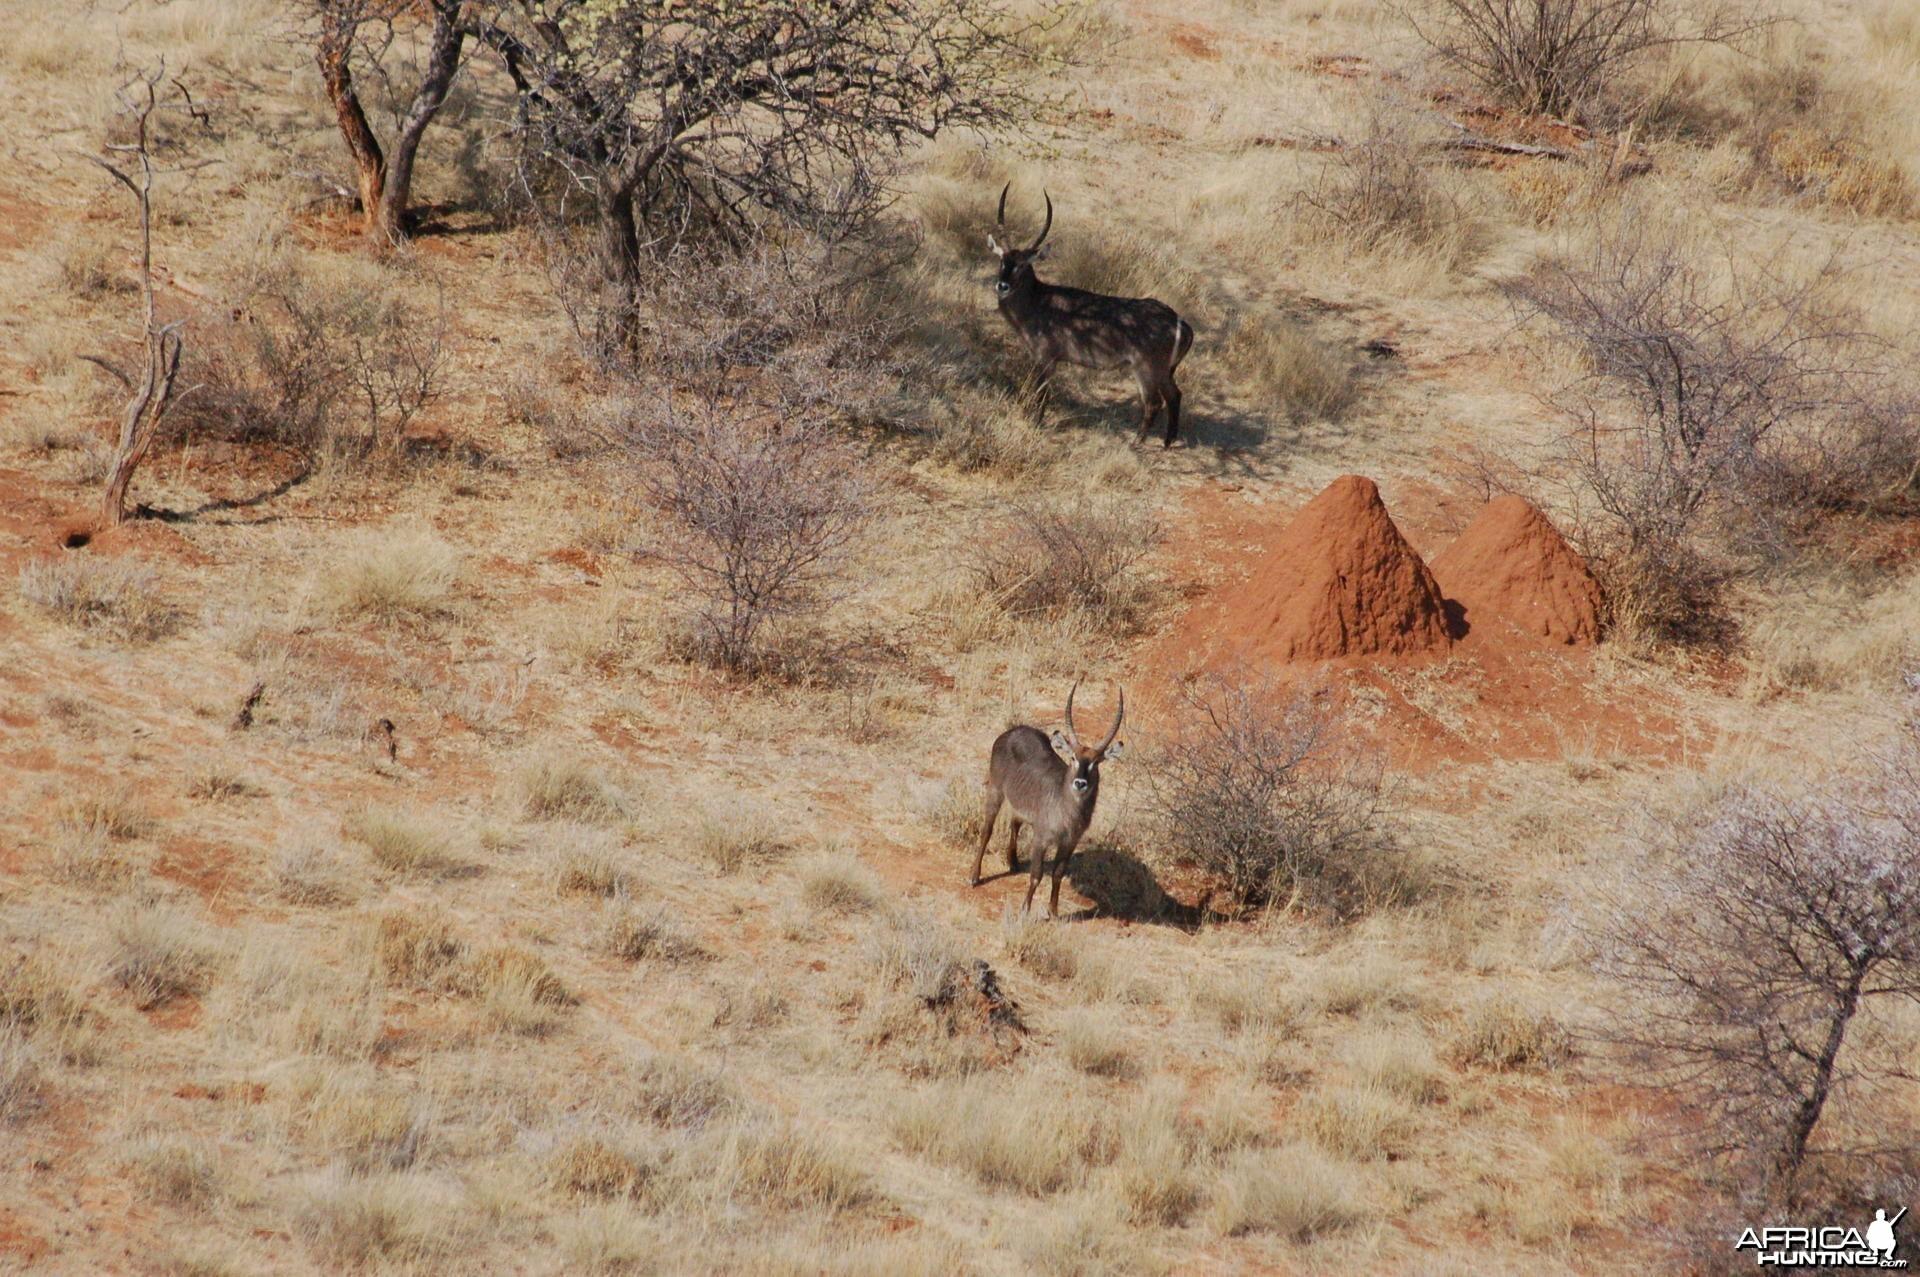 Waterbuck in Namibia